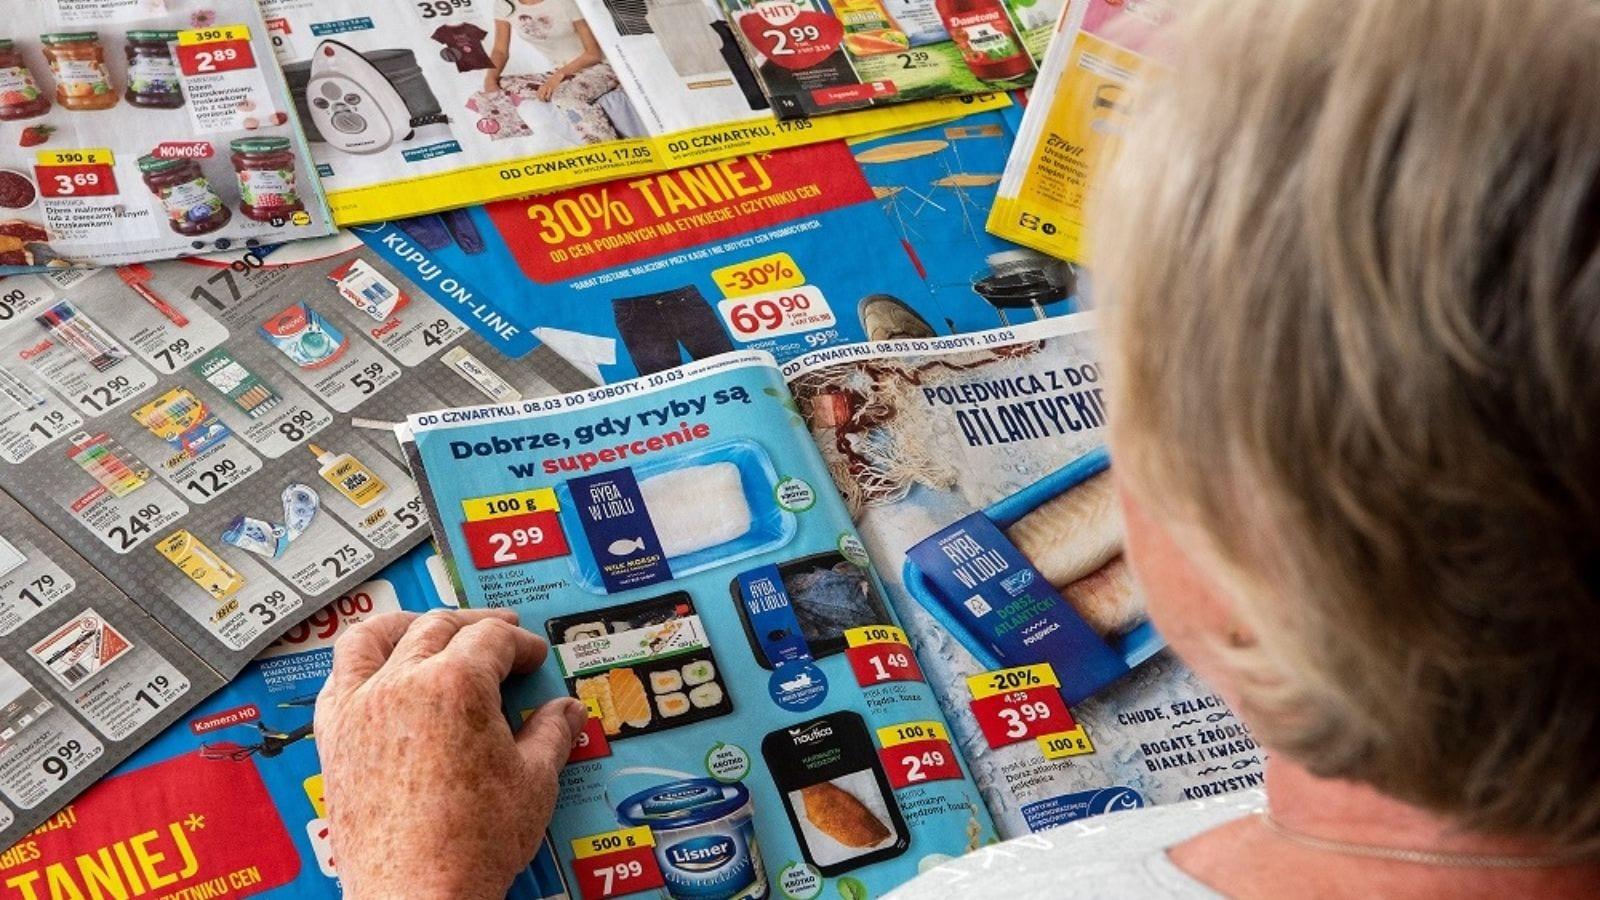 Działania CSR-owe marek liczą się dla blisko 60% konsumentów [BADANIE] Badania mediarun com retail